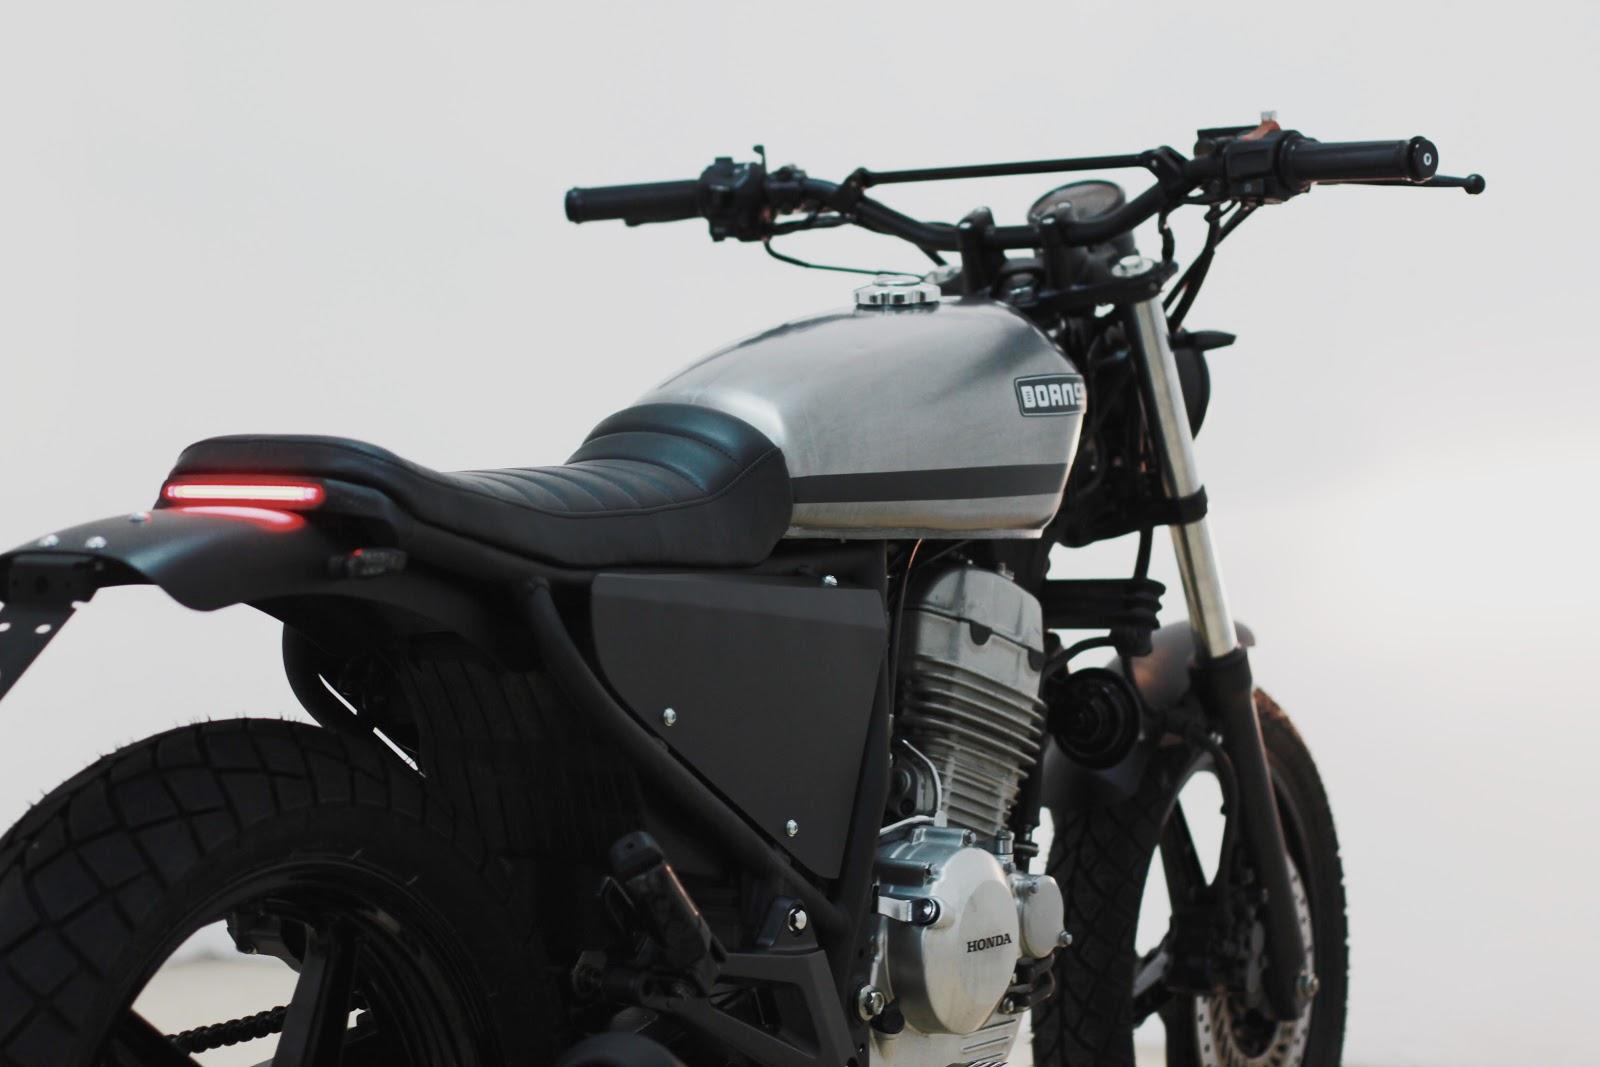 Born Motor Saves 2 000 Per Bike Using Bcn3d 3d Printers